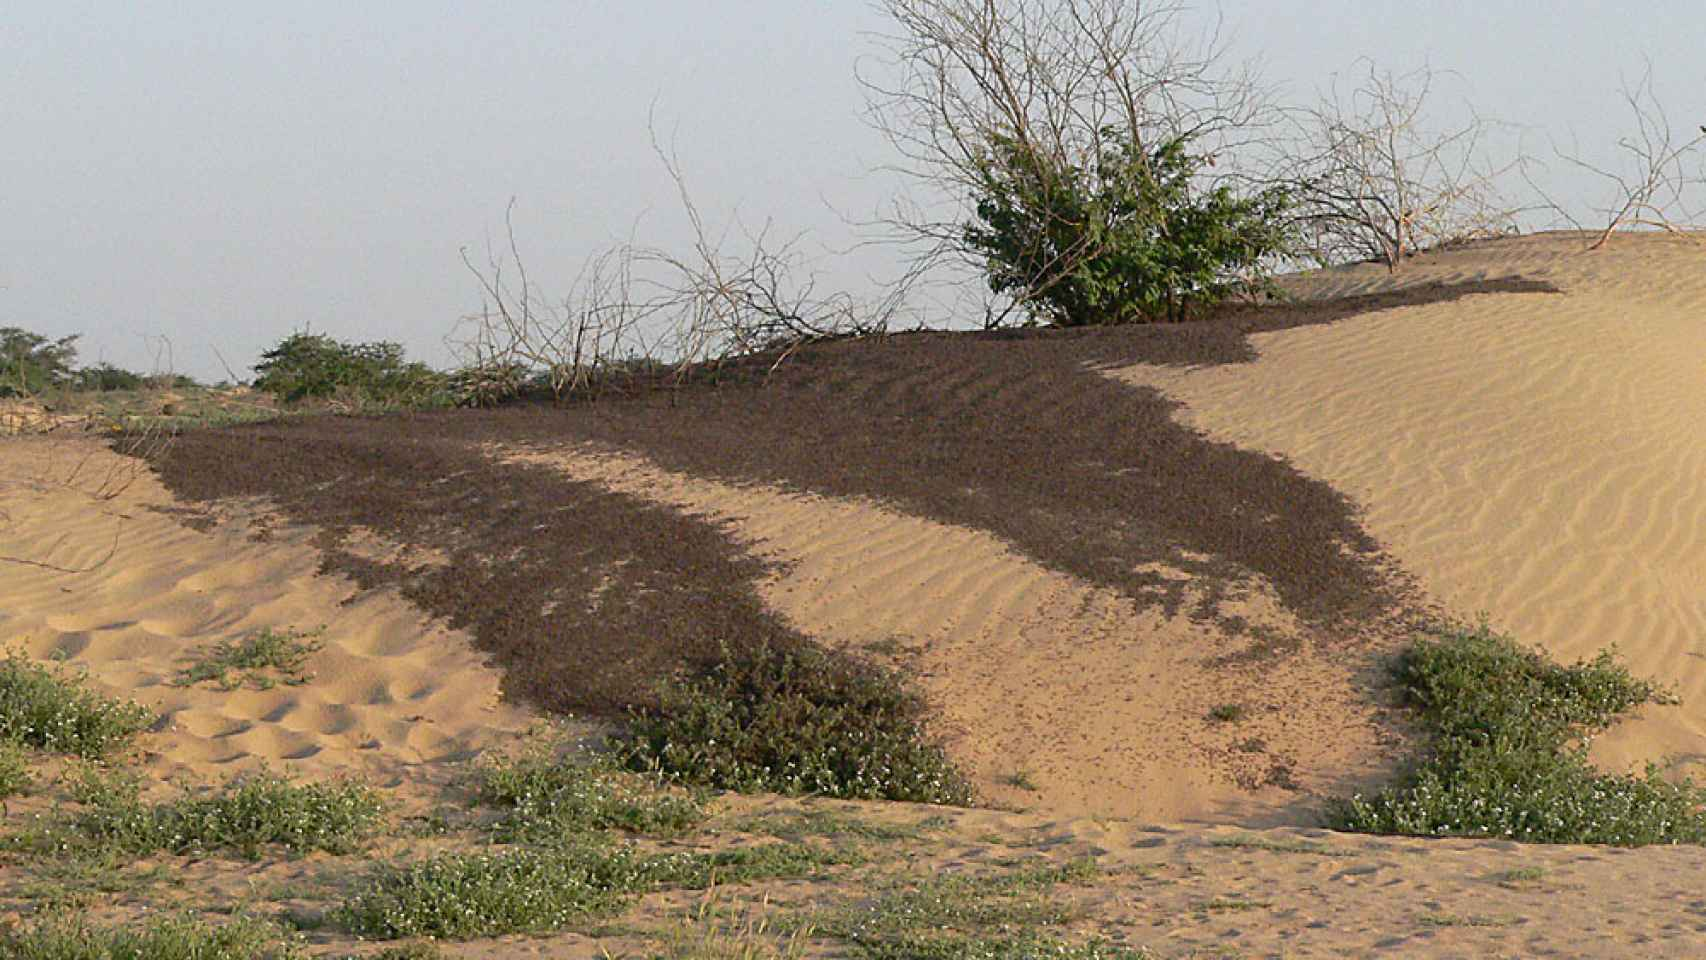 Langostas jóvenes en bandas compactas antes de desarrollar alas, en Sudán